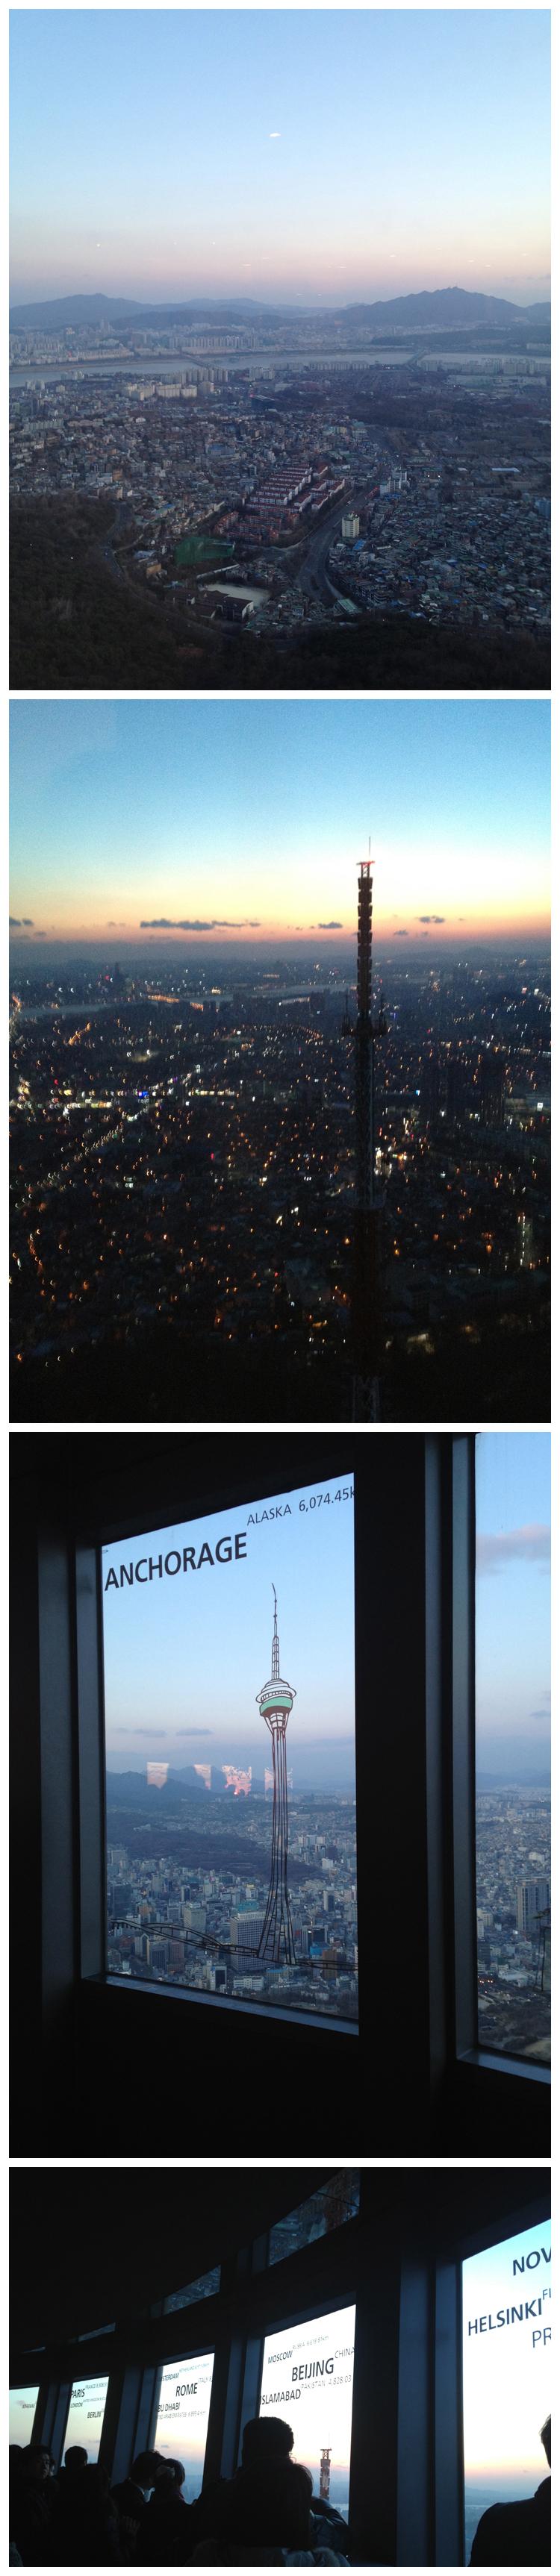 n seoul tower 남산 타워